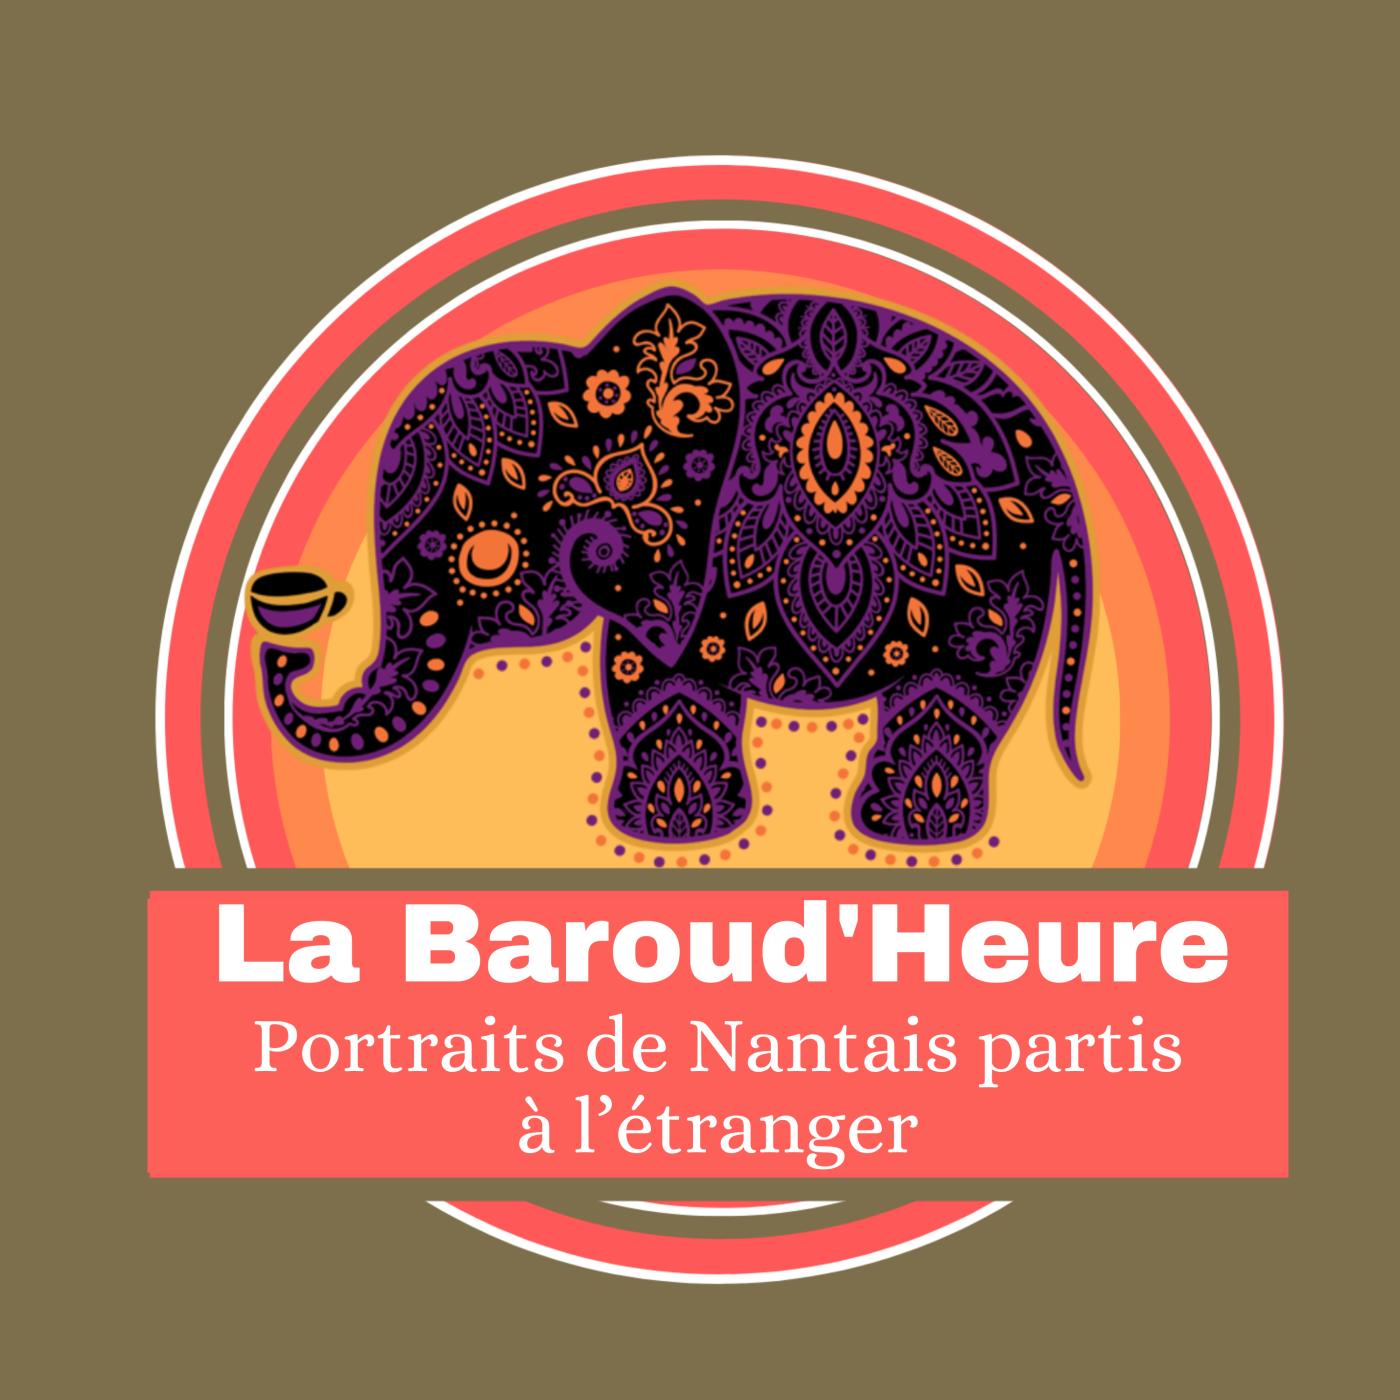 La Baroud'heure